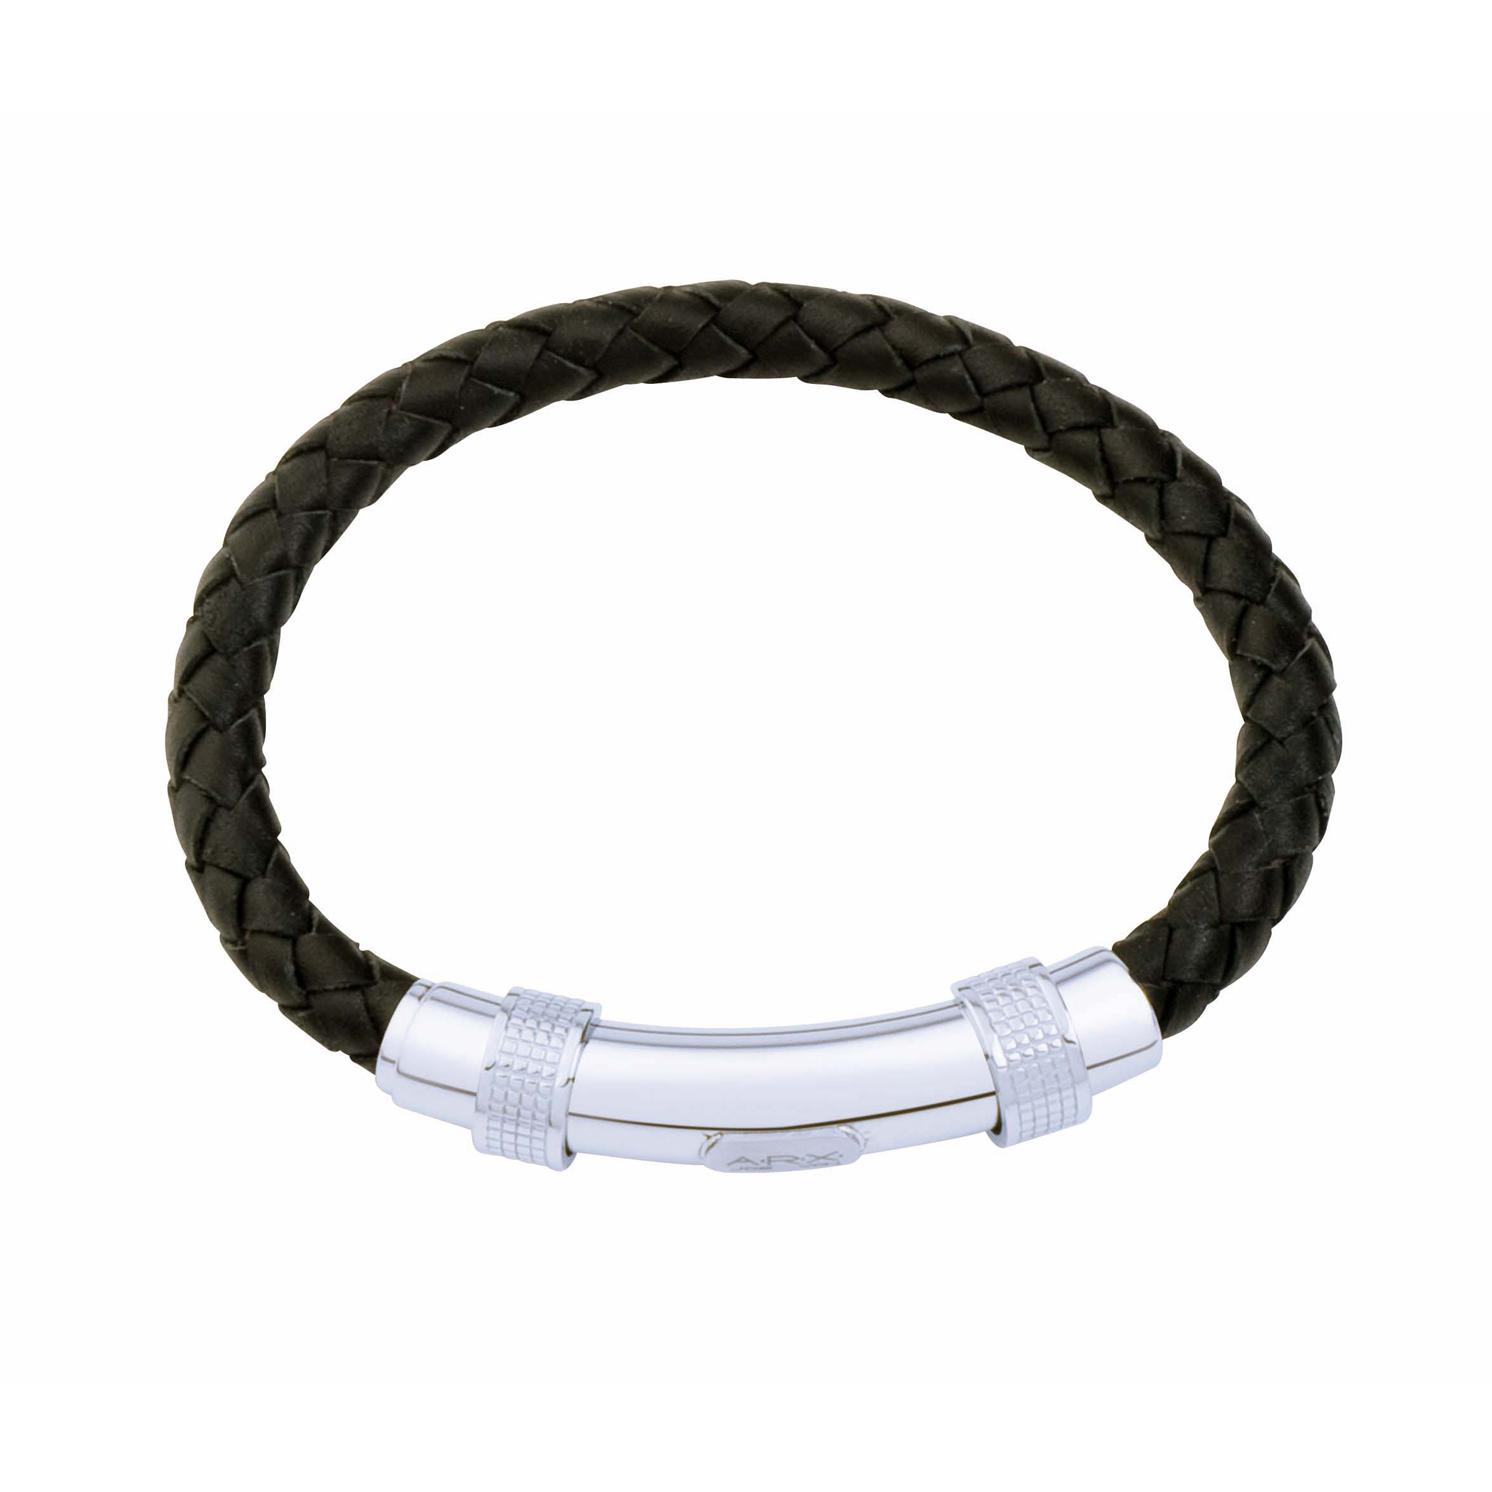 Jos Von Arx – Black Leather Intergrated Bracelet